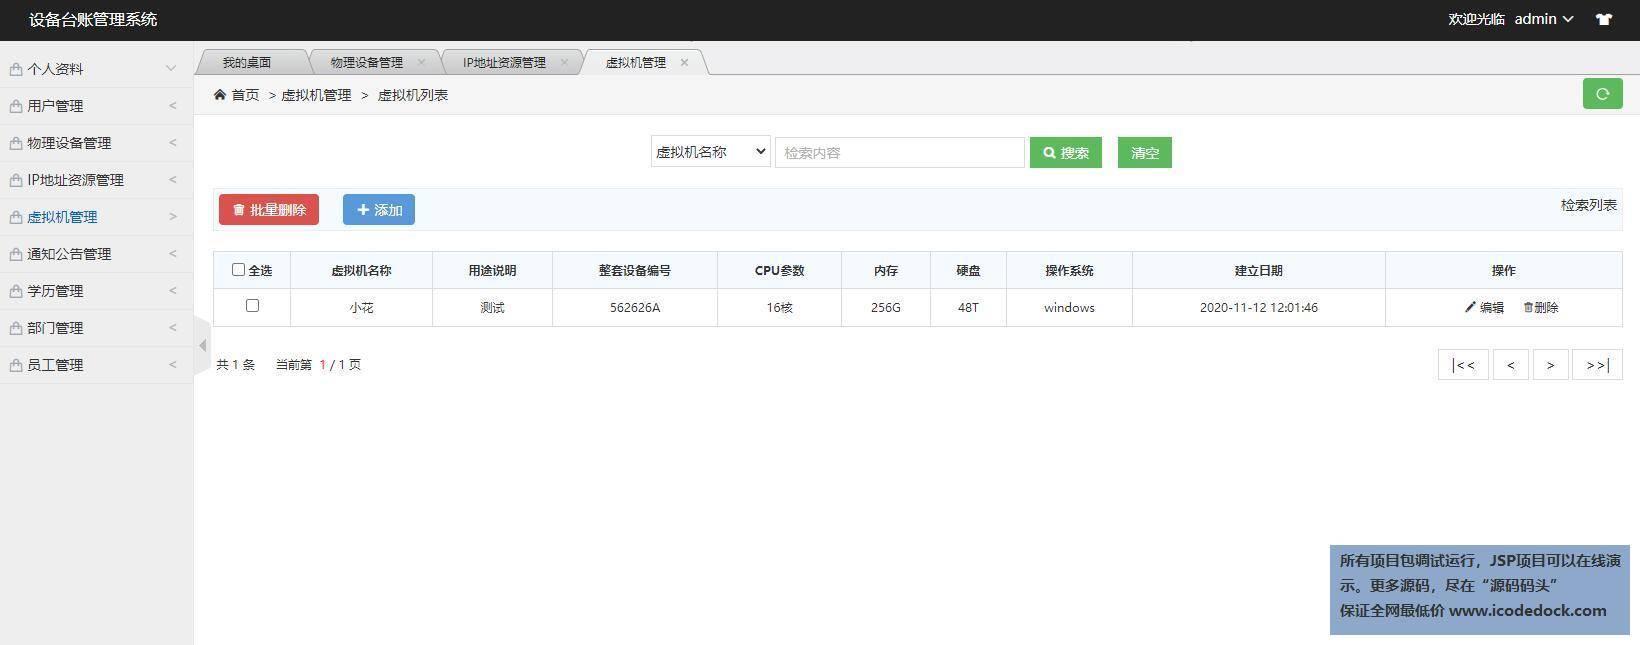 源码码头-SSM设备台账管理系统-管理员角色-虚拟机管理